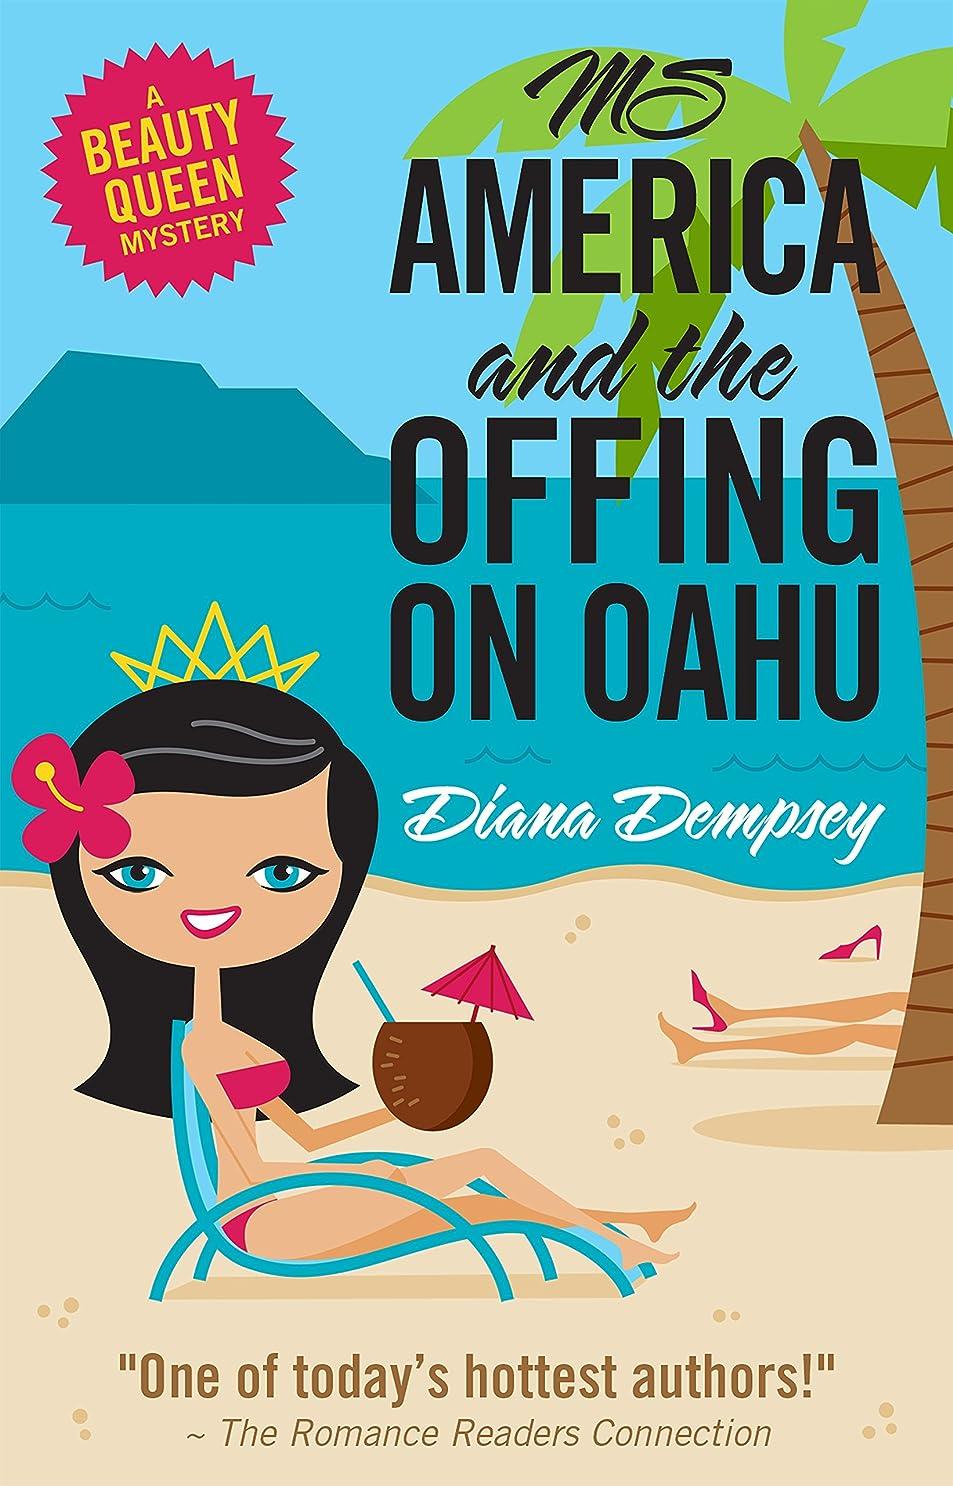 有効な麻痺させる急降下Ms America and the Offing on Oahu (Beauty Queen Mysteries Book 1) (English Edition)